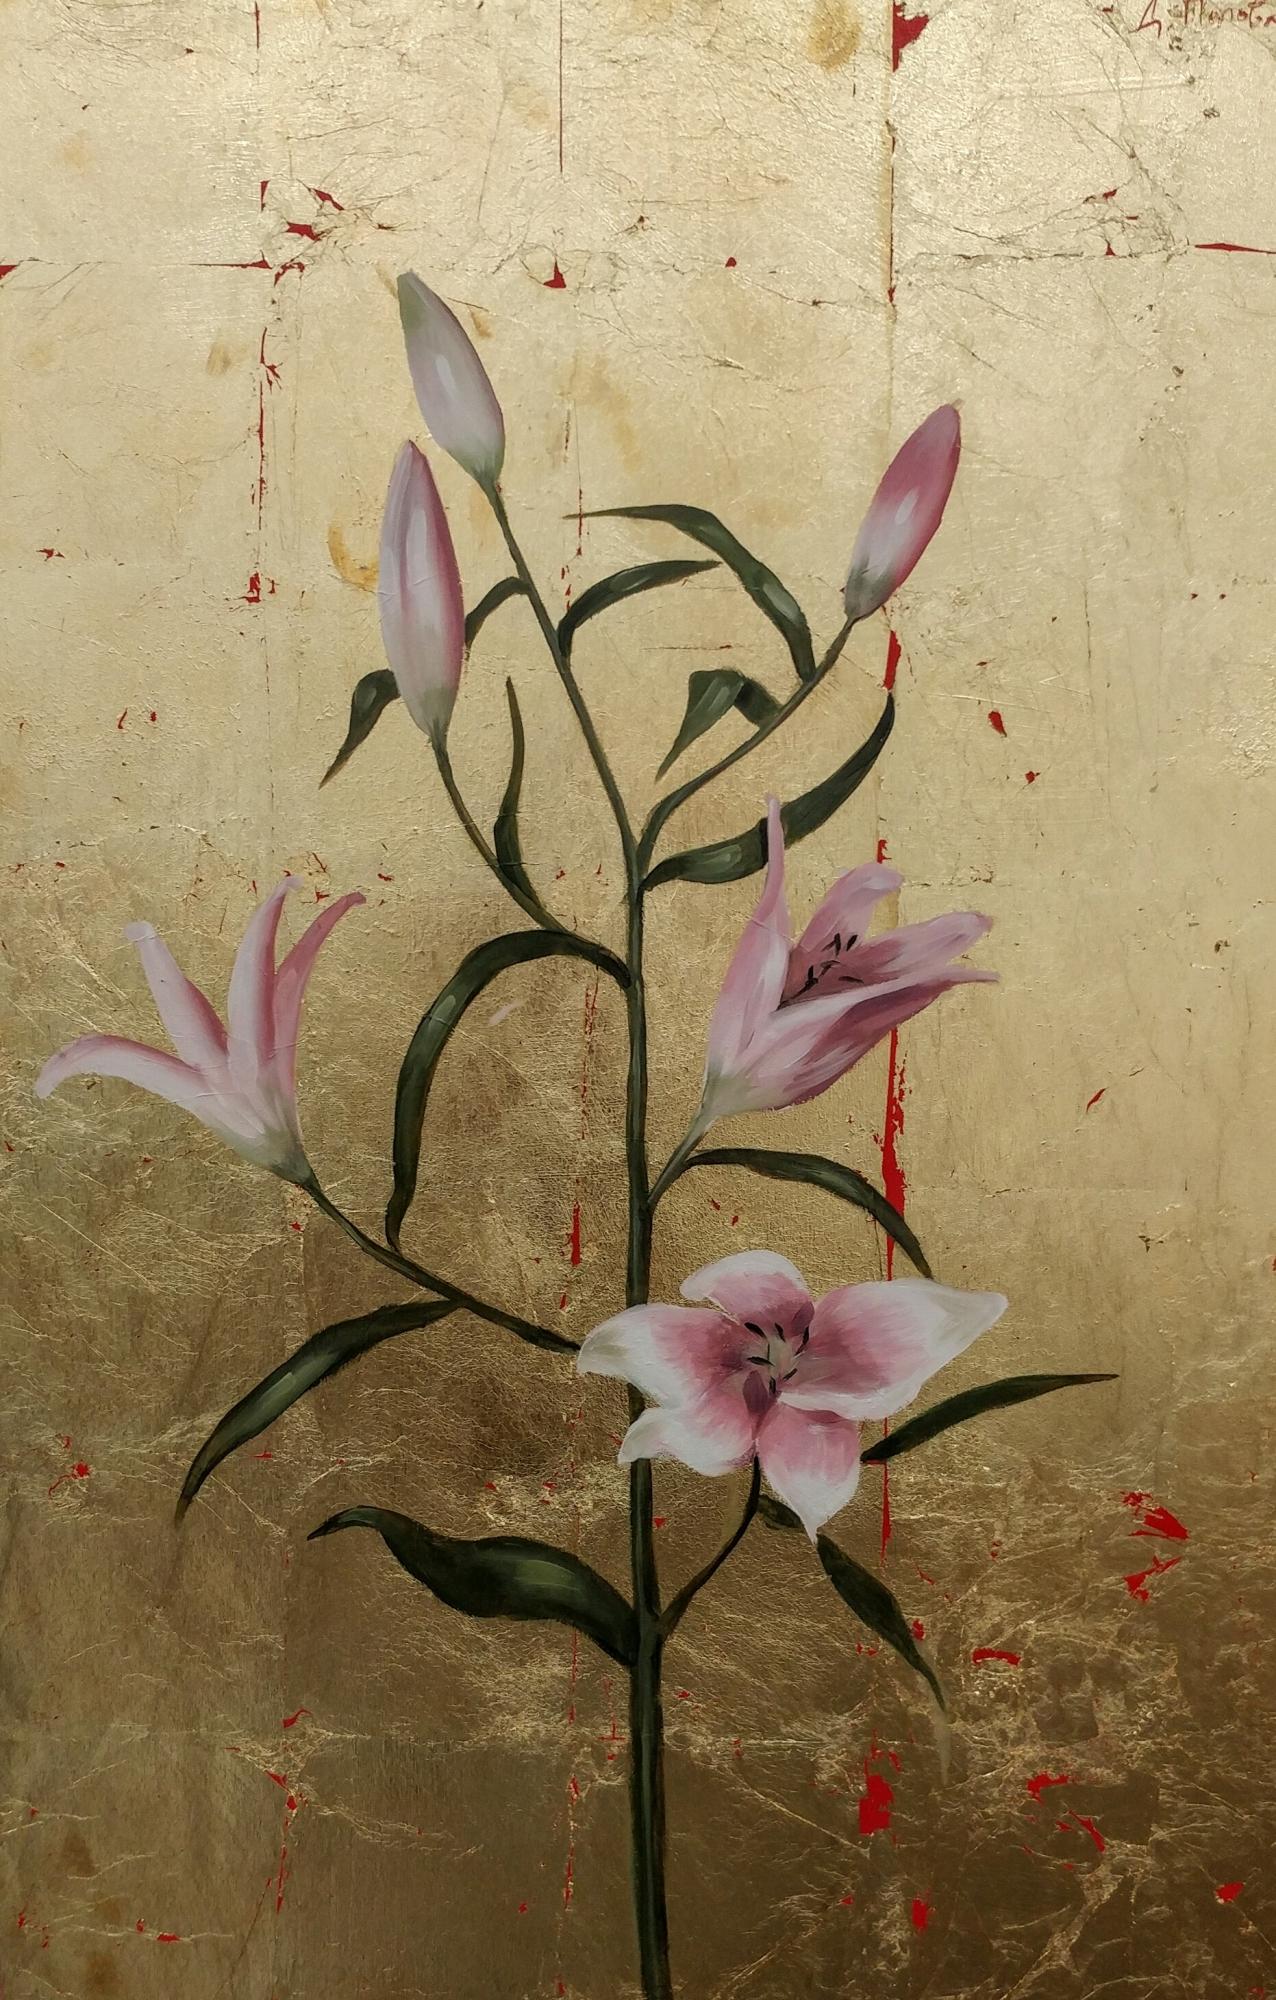 Byzantine Lily  by Diliana Popova